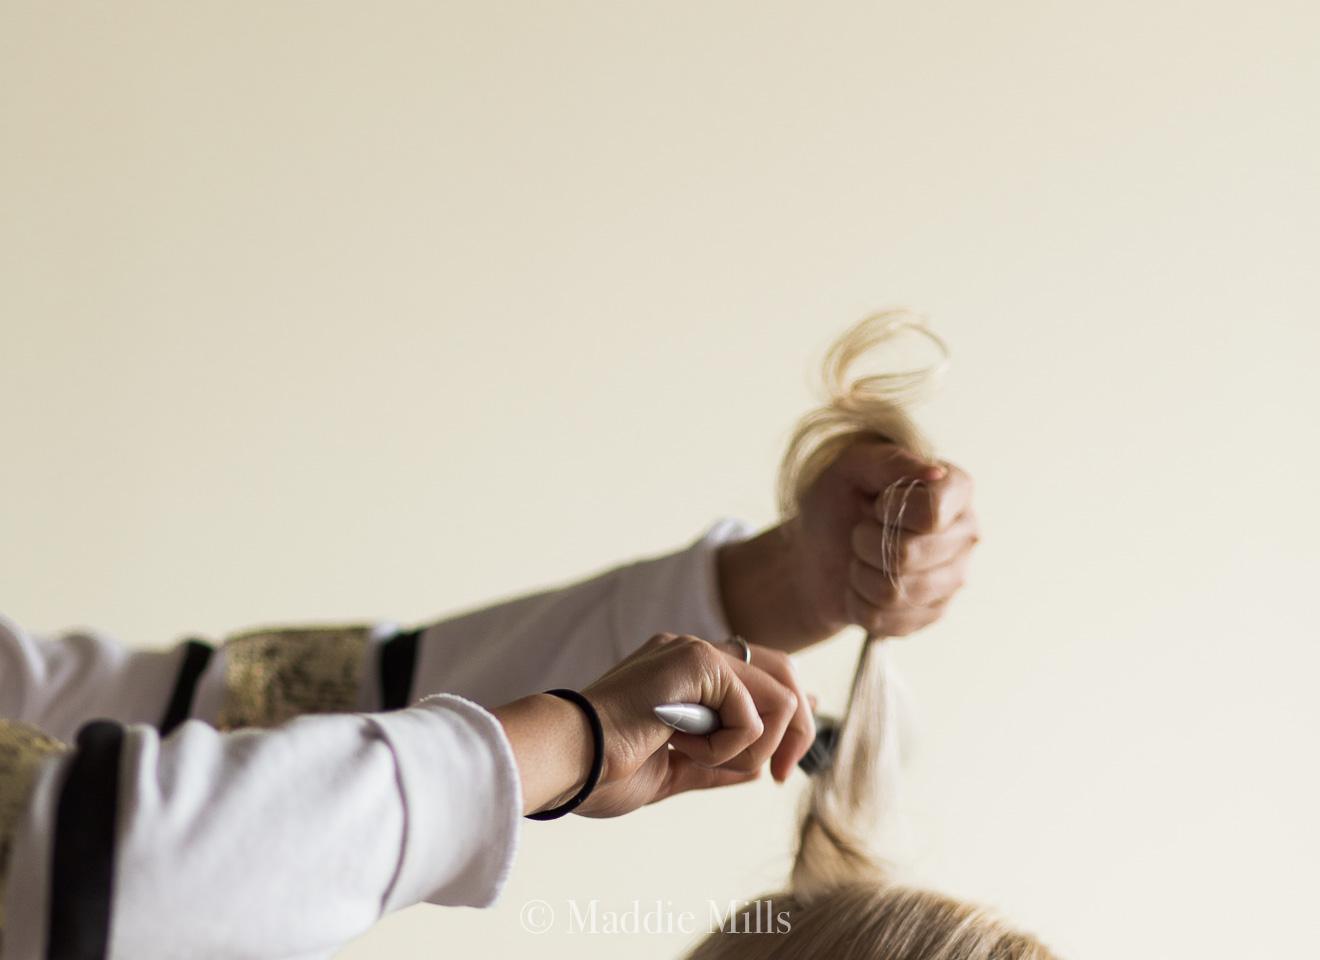 nadia makeup-3.jpg